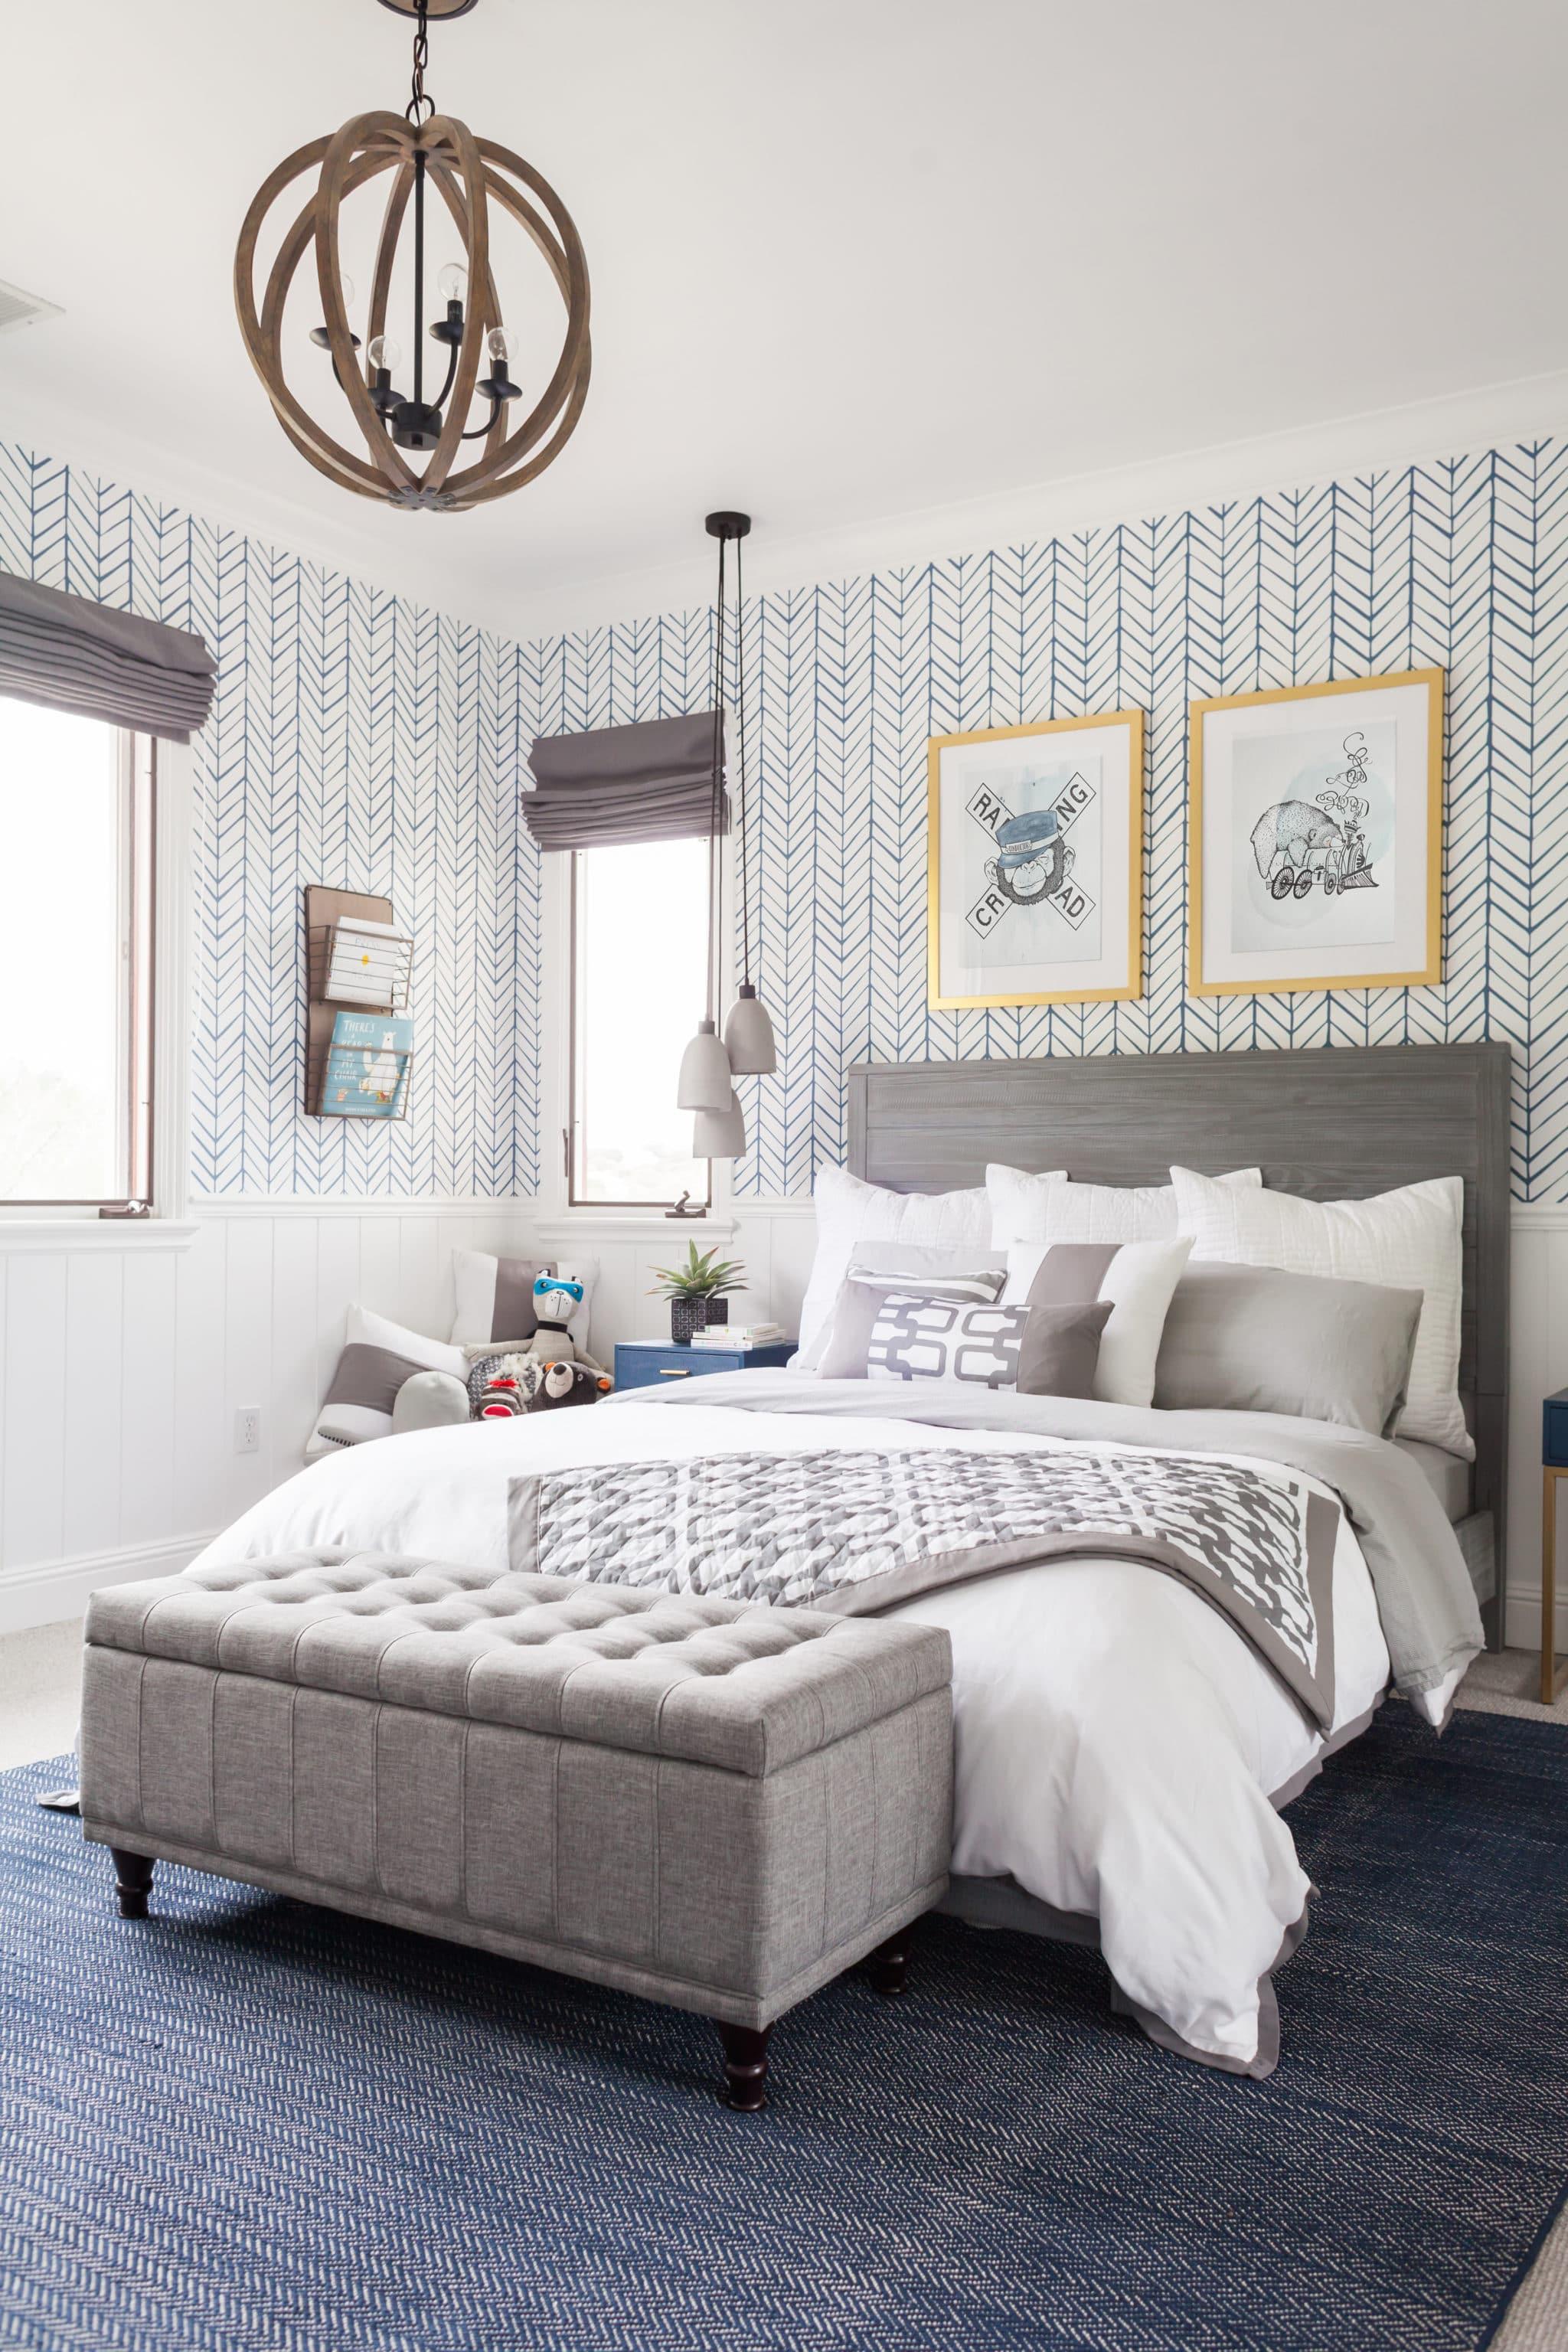 Celebrity Design Reveal Tamera Mowry S Big Boy Room